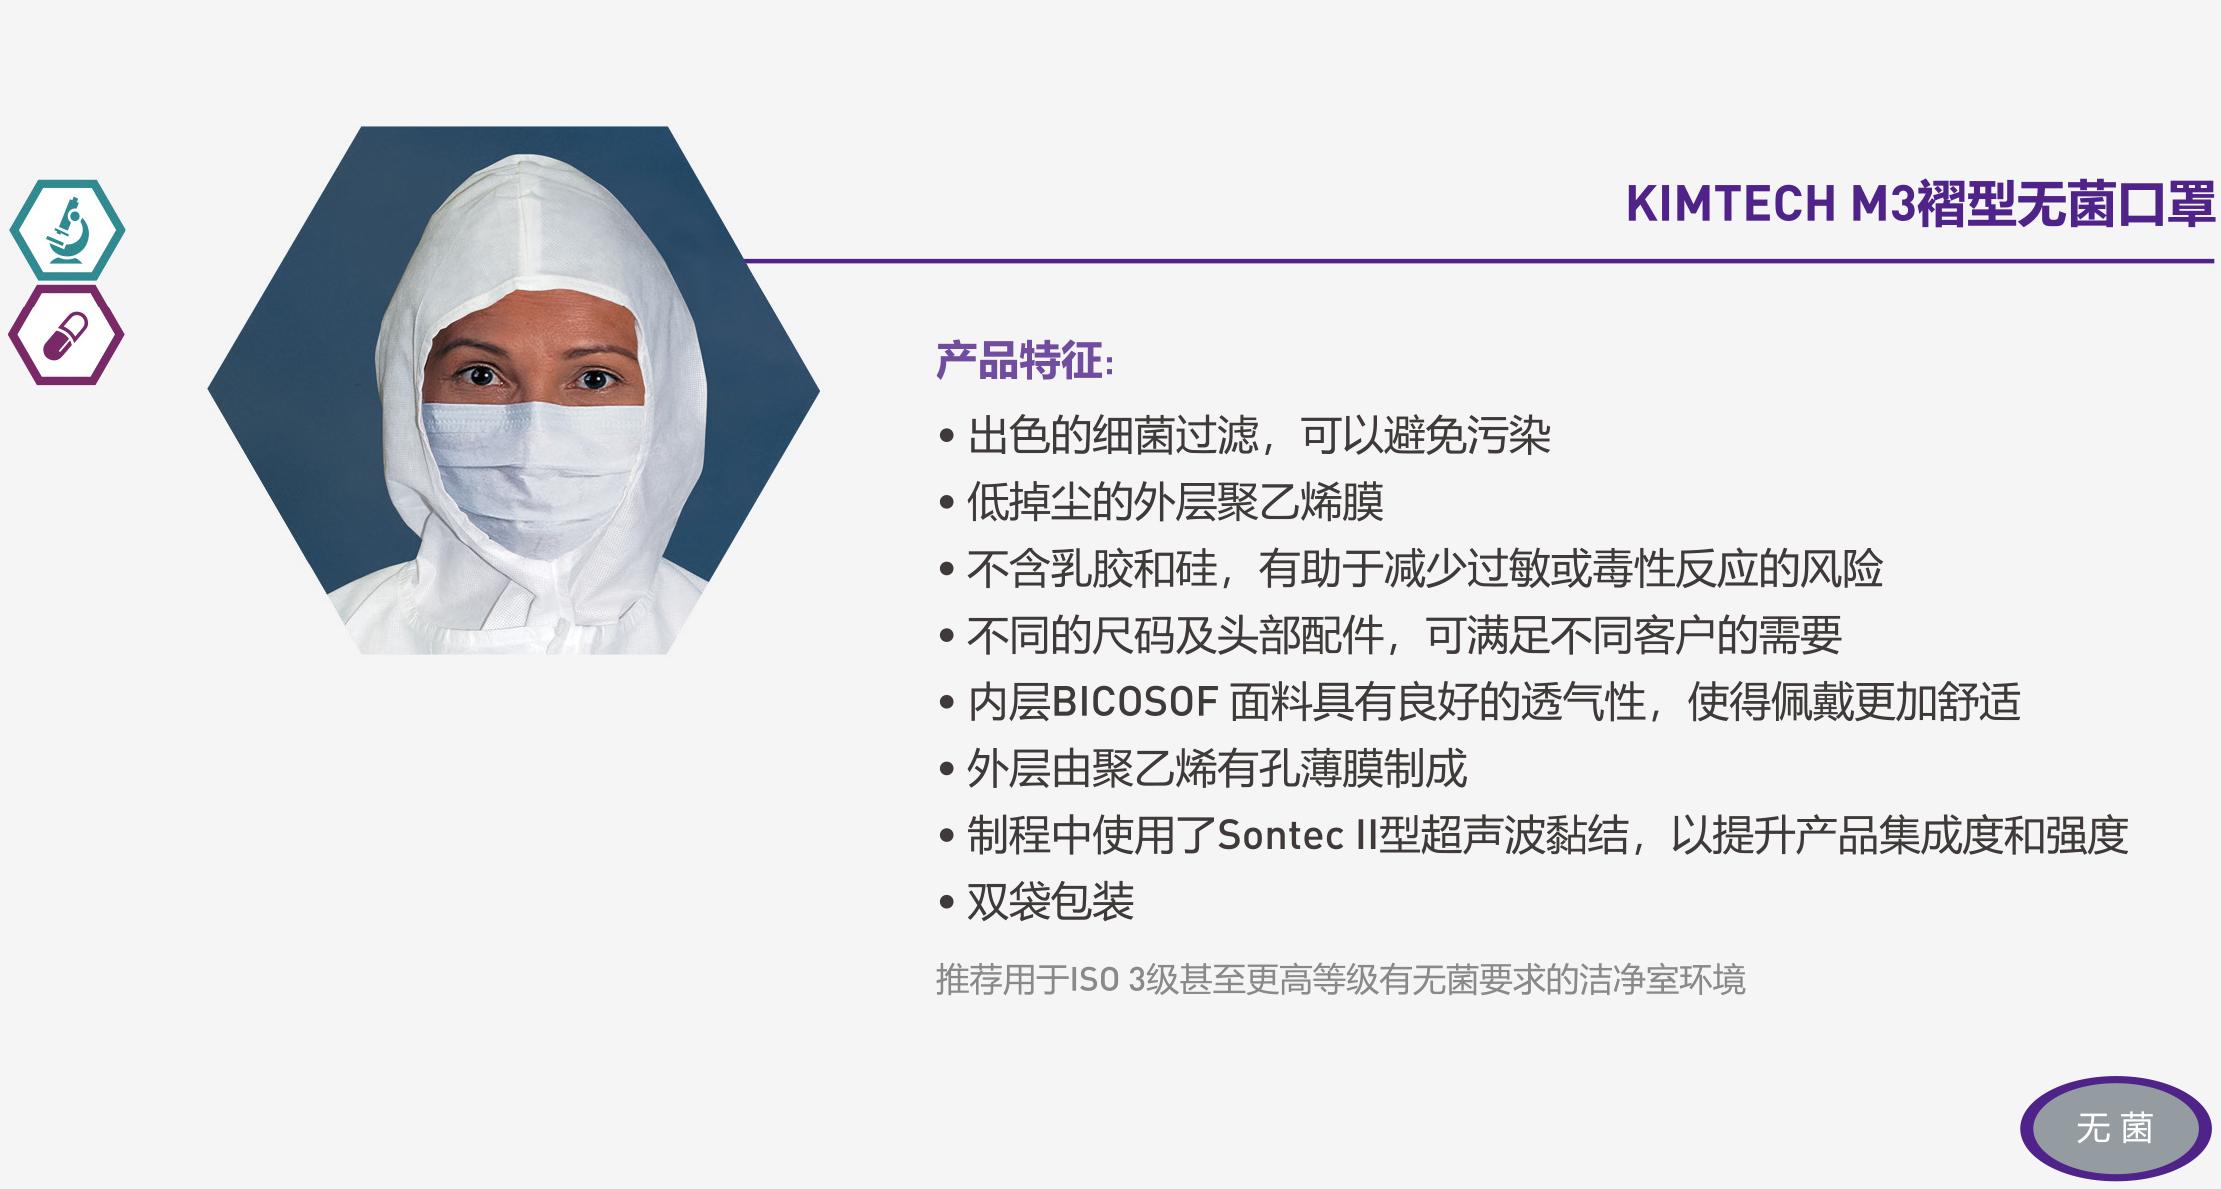 KIMTECH M3褶型无菌口罩